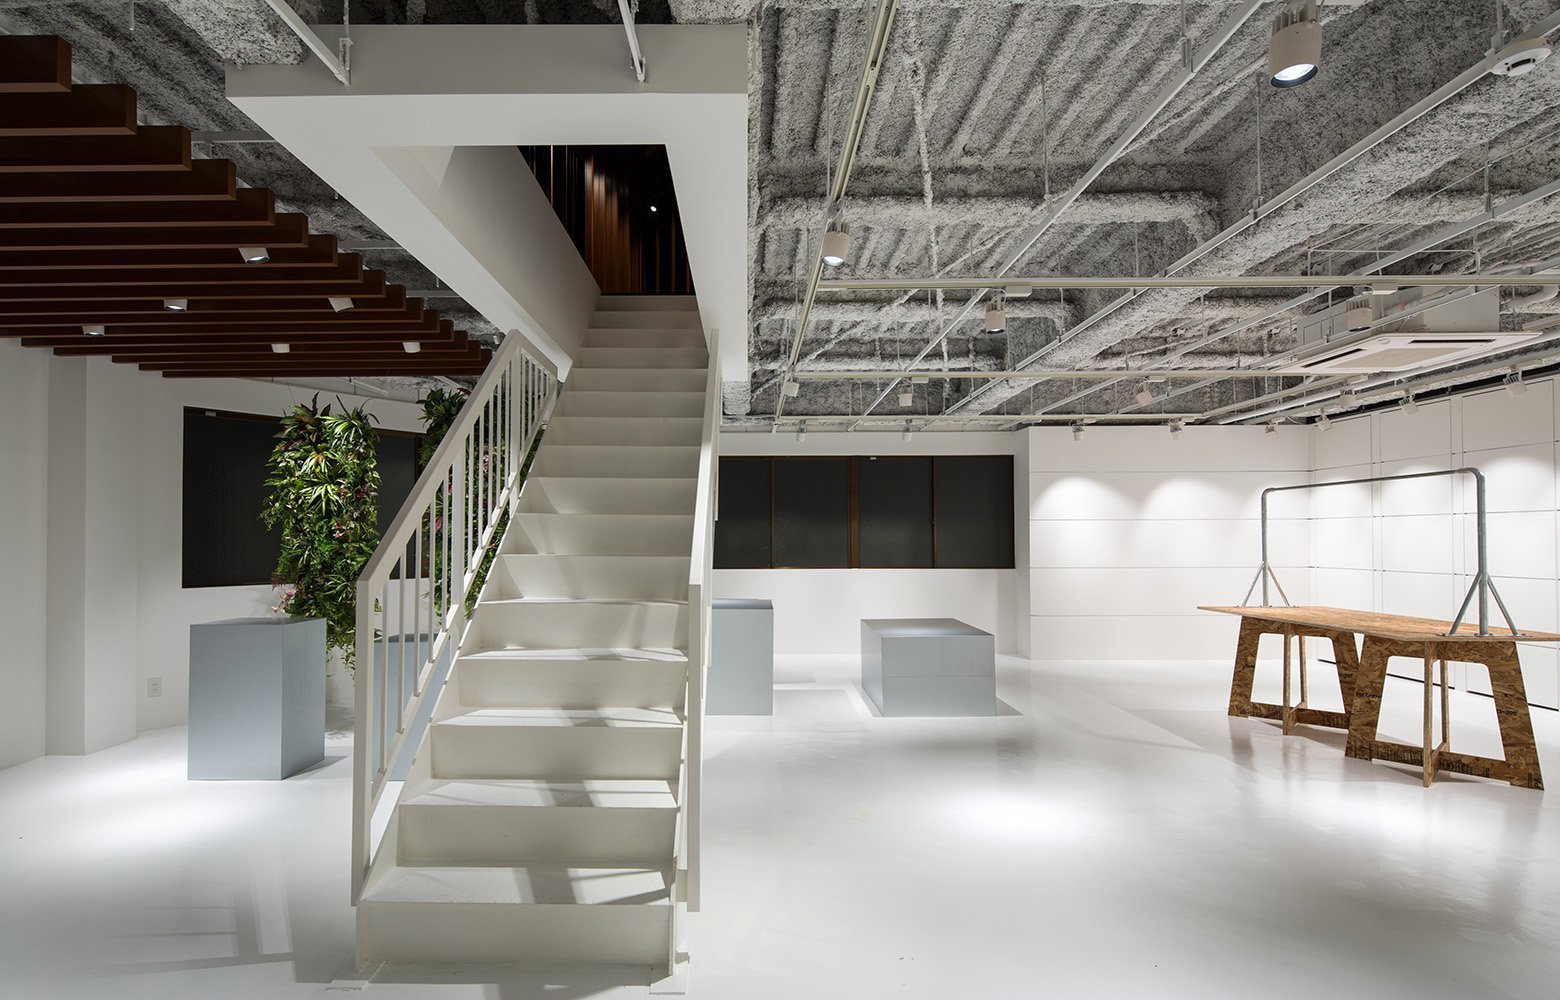 株式会社三景 1F Show Room デザイン・レイアウト事例